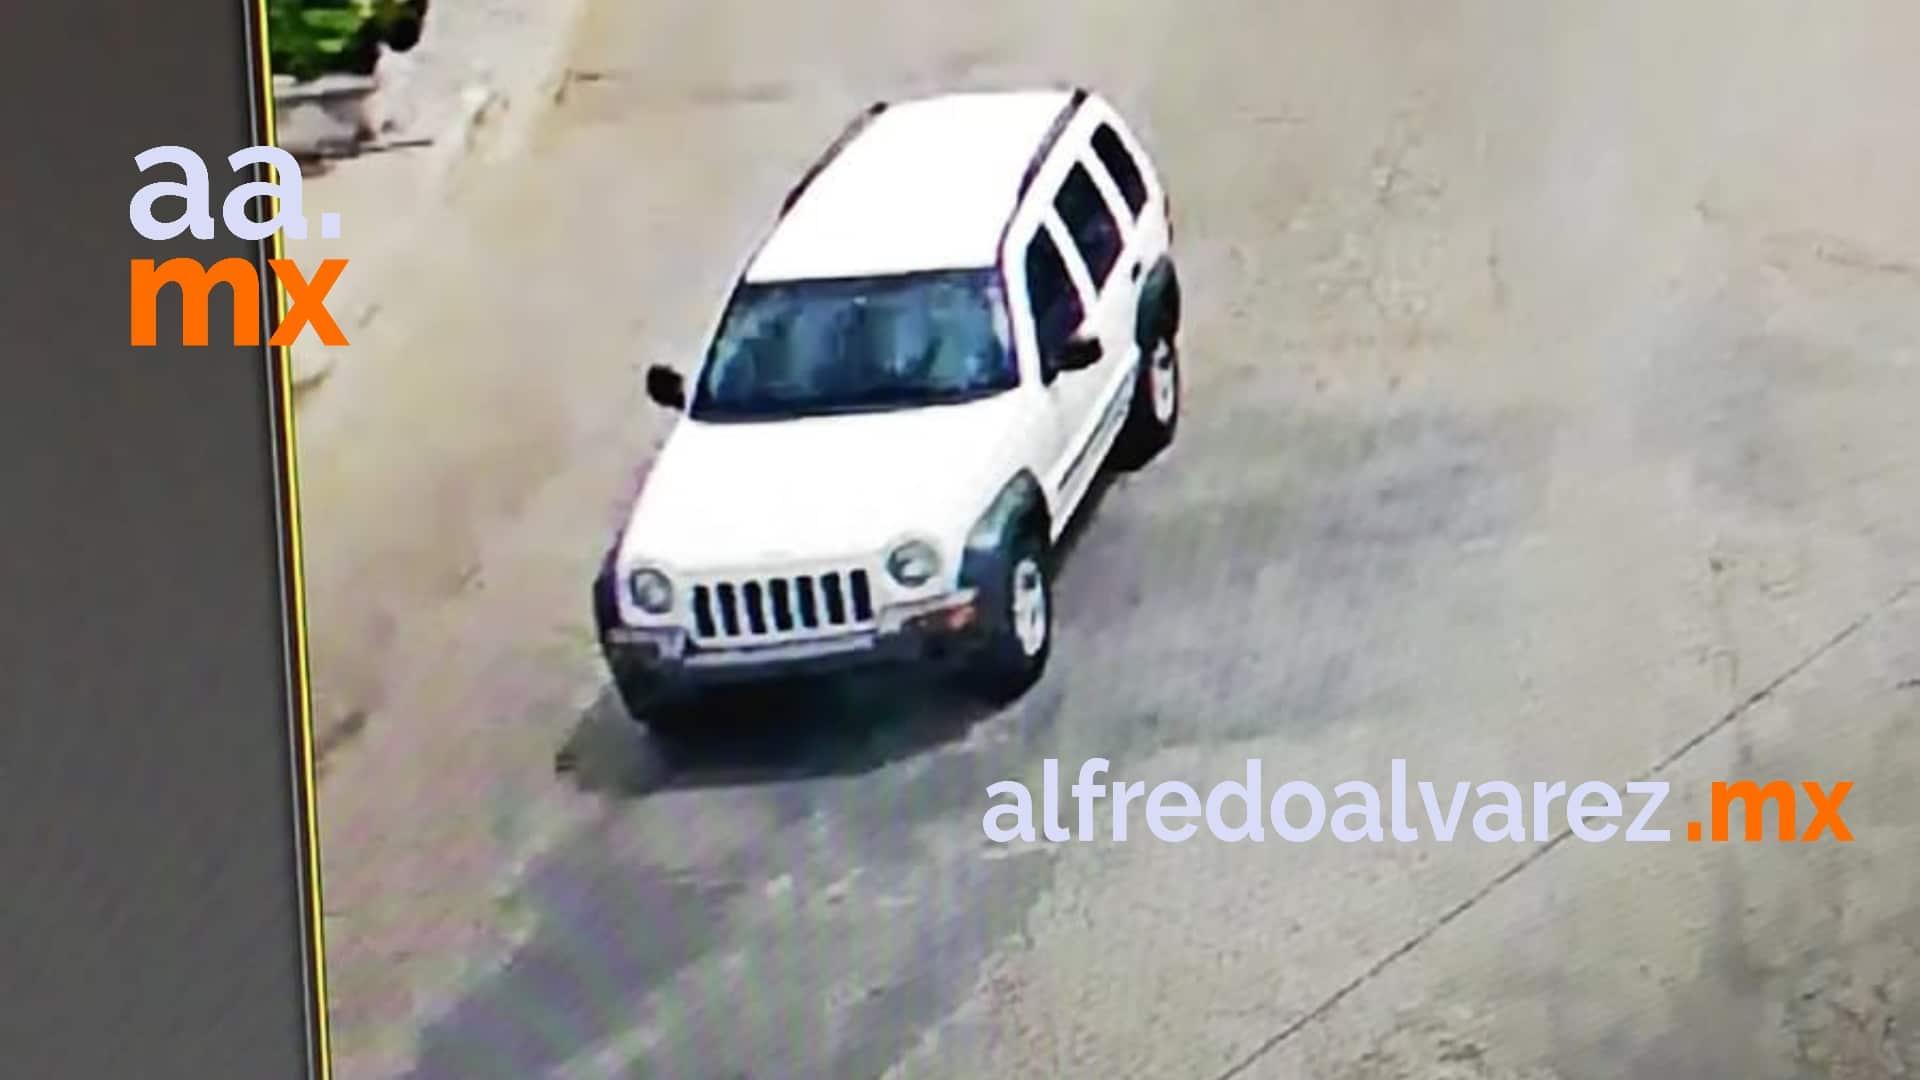 Tres-mujeres-fueron-privadas-de-la-libertad-en-Tijuana